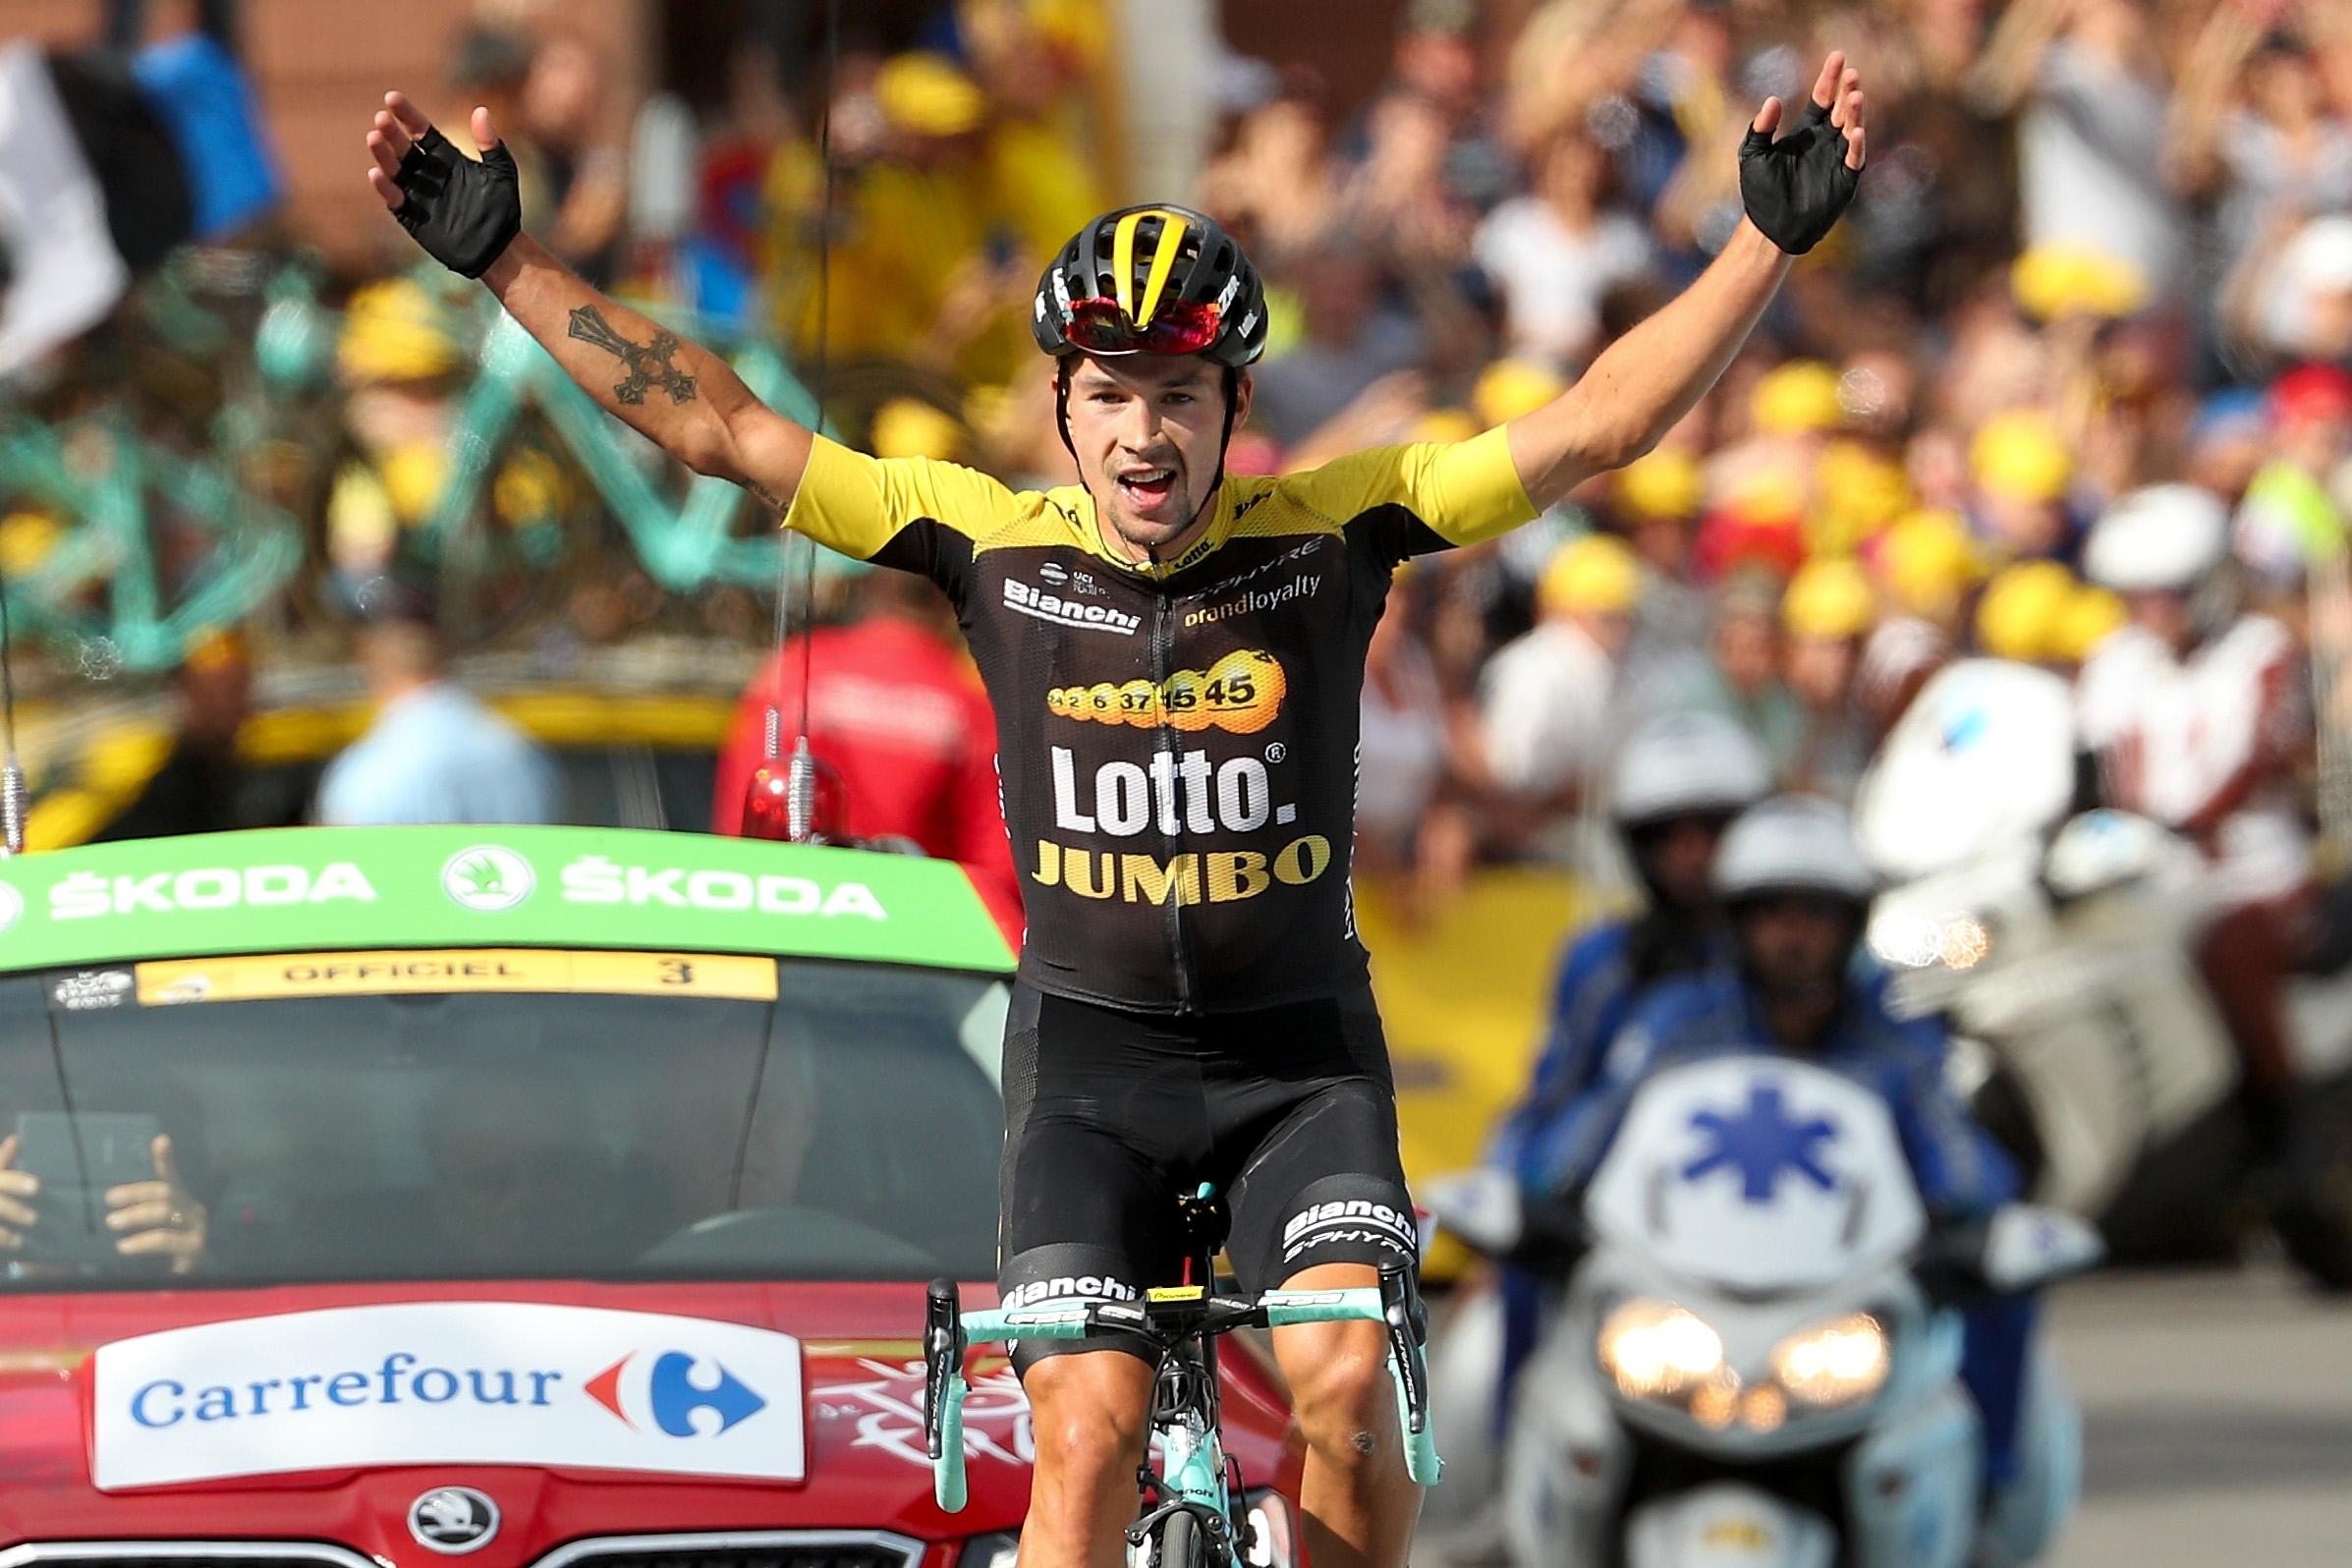 Словенецът Примож Роглич спечели деветия етап от колоездачната обиколка на